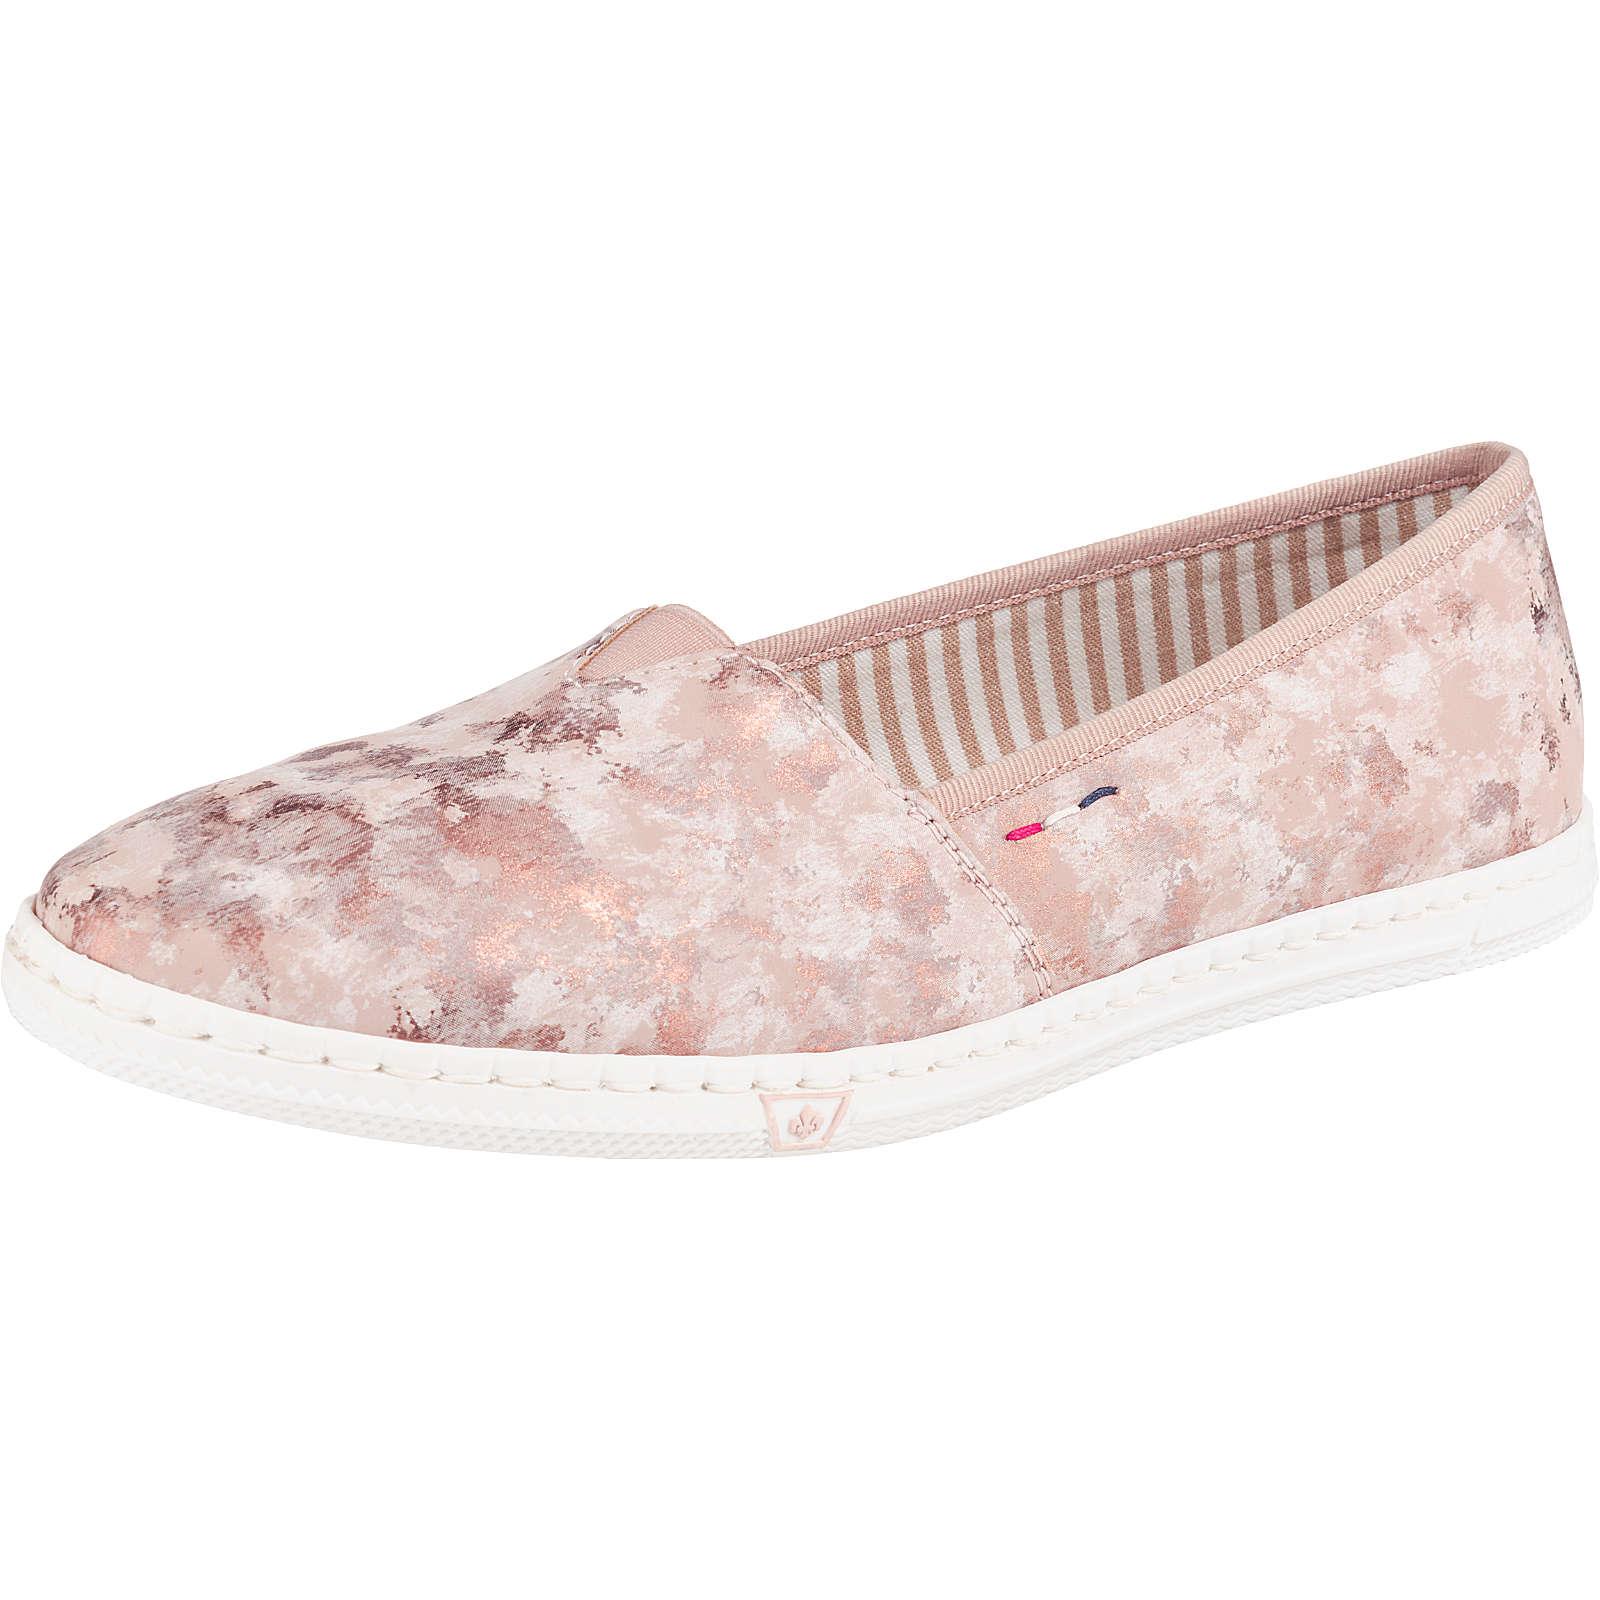 rieker Komfort-Slipper rosa Damen Gr. 39